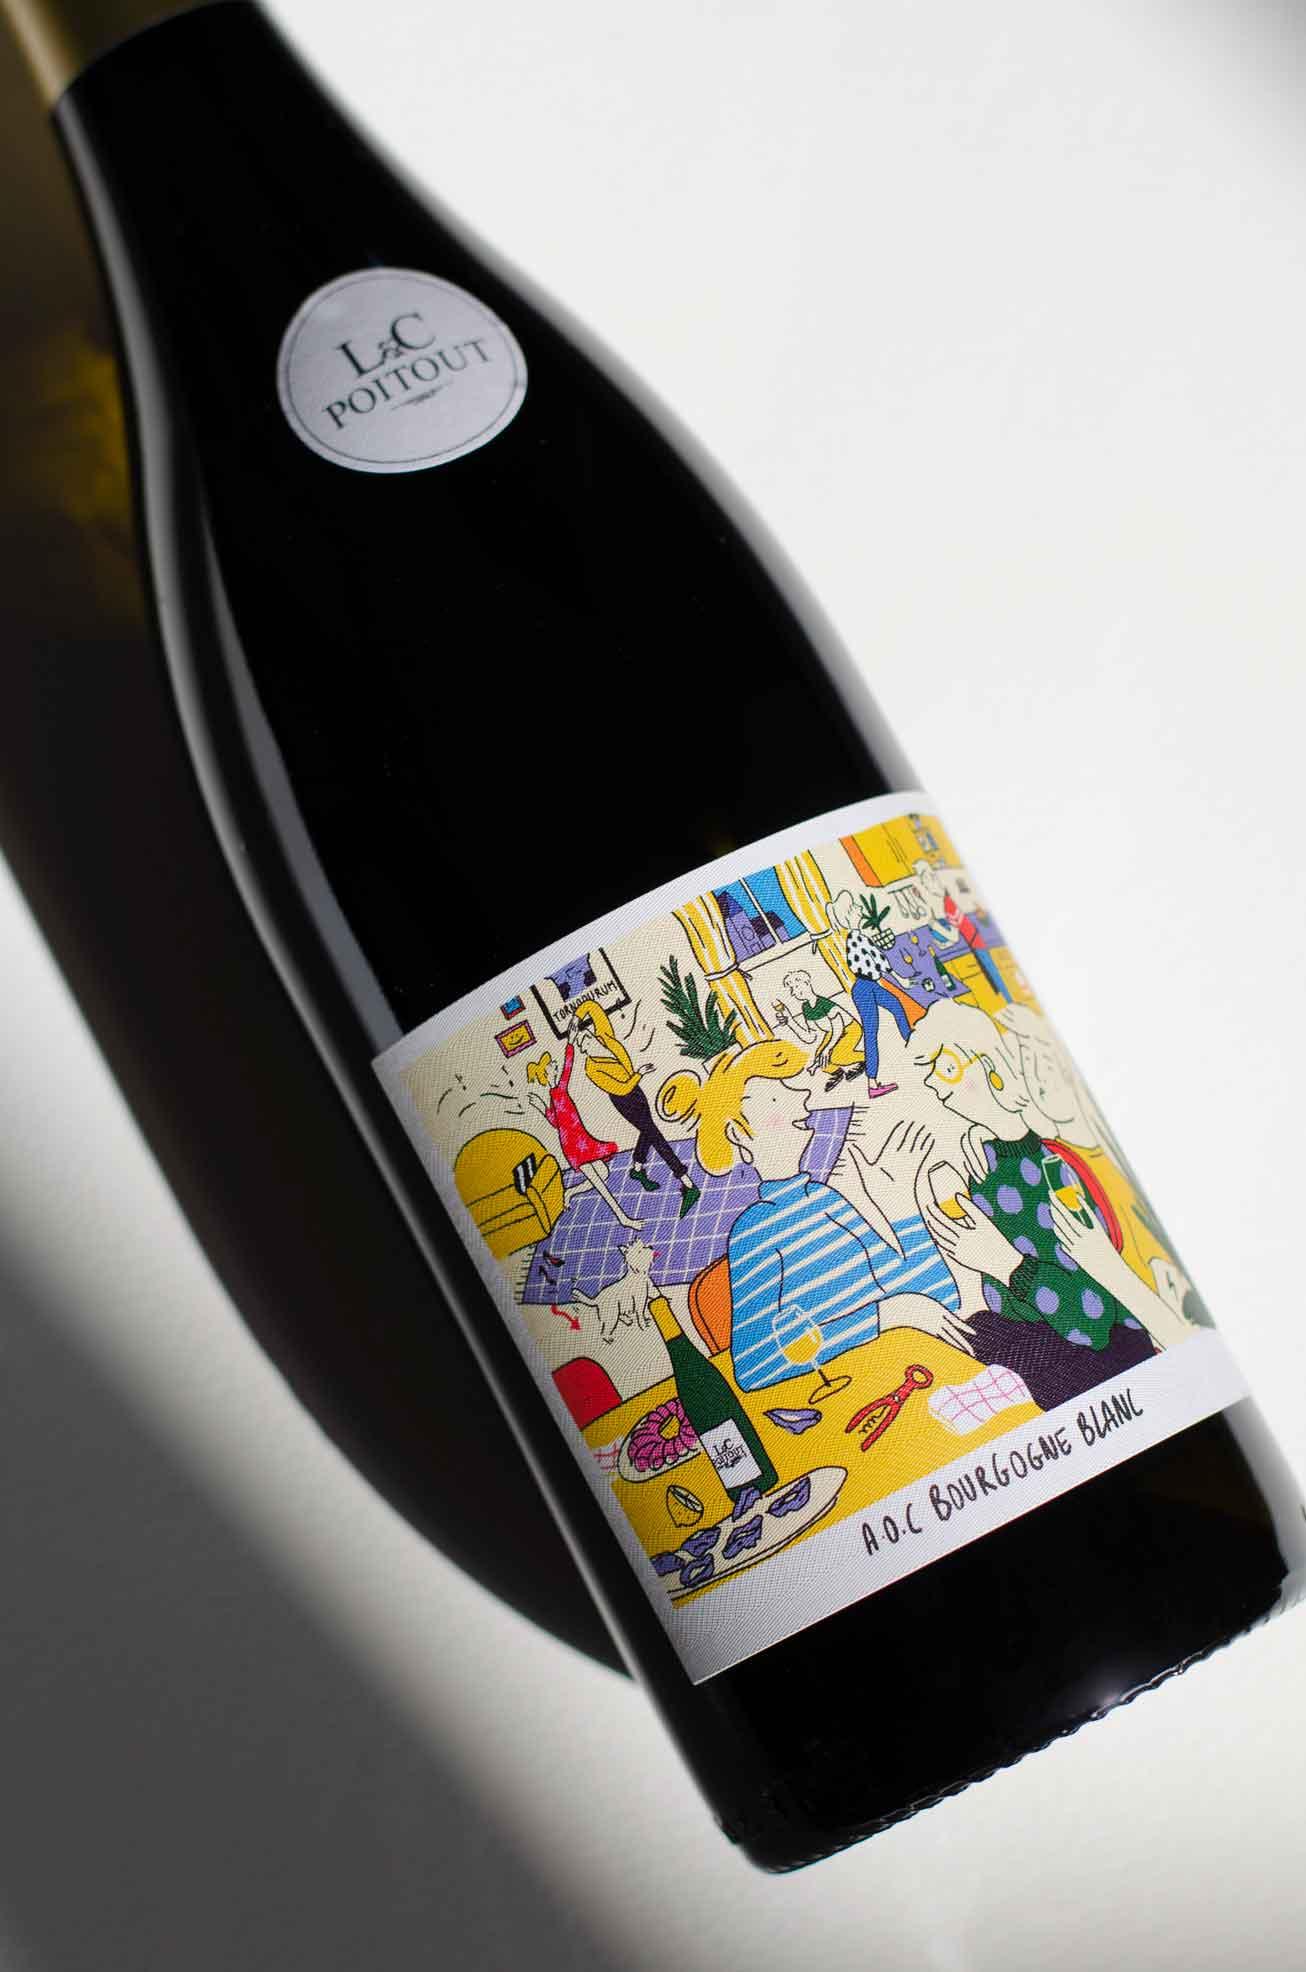 Bouteille Vin de Chablis blanc 03 - Tonnerre par L&C Poitout - Réalisation Agence Discovery